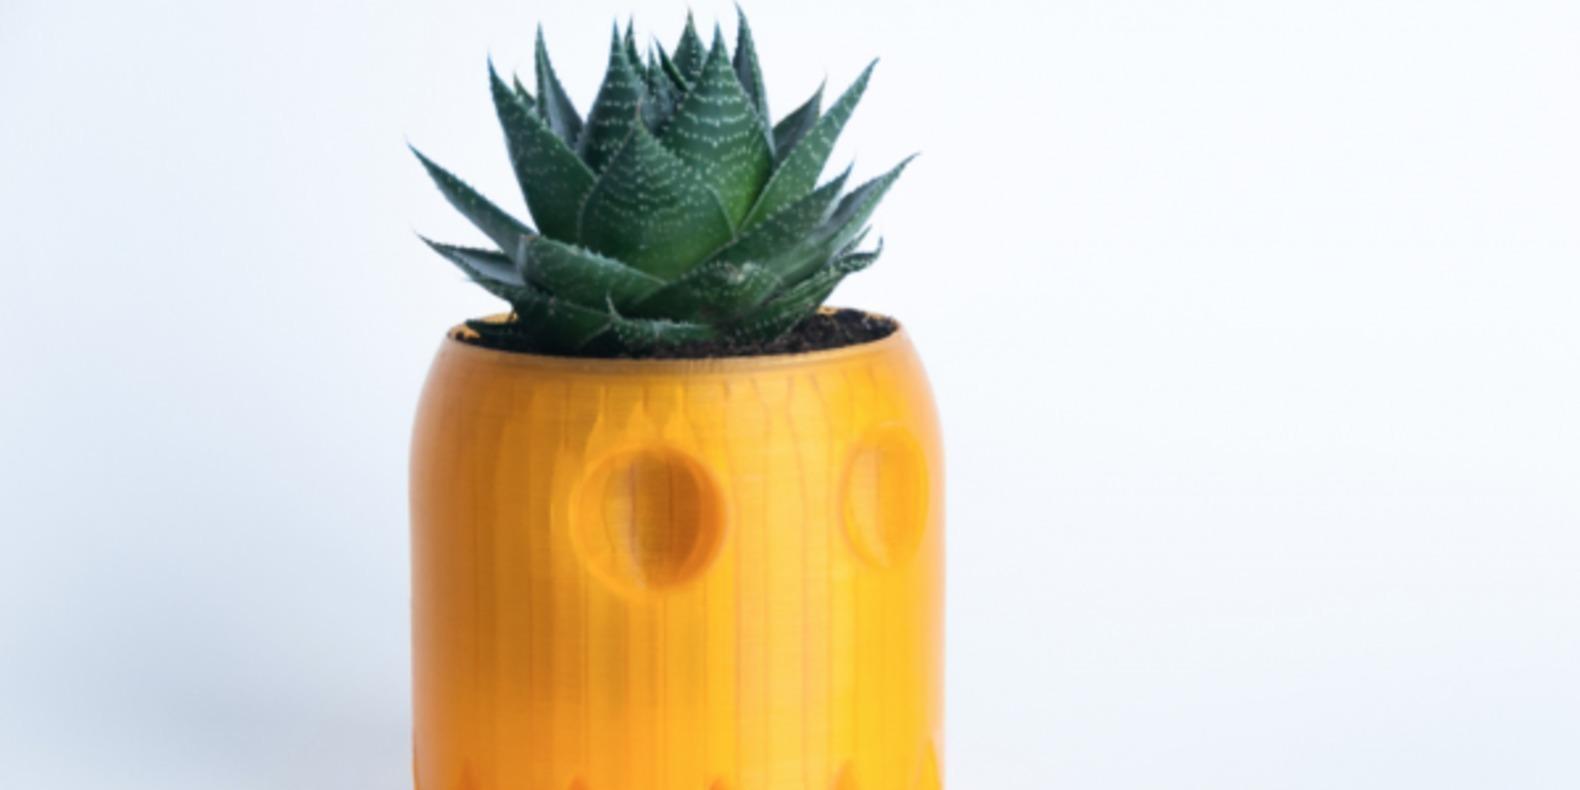 pot-imprimé-en-3D-pots-de-fleurs-cults-pacman-baby-groot-minion-6.png